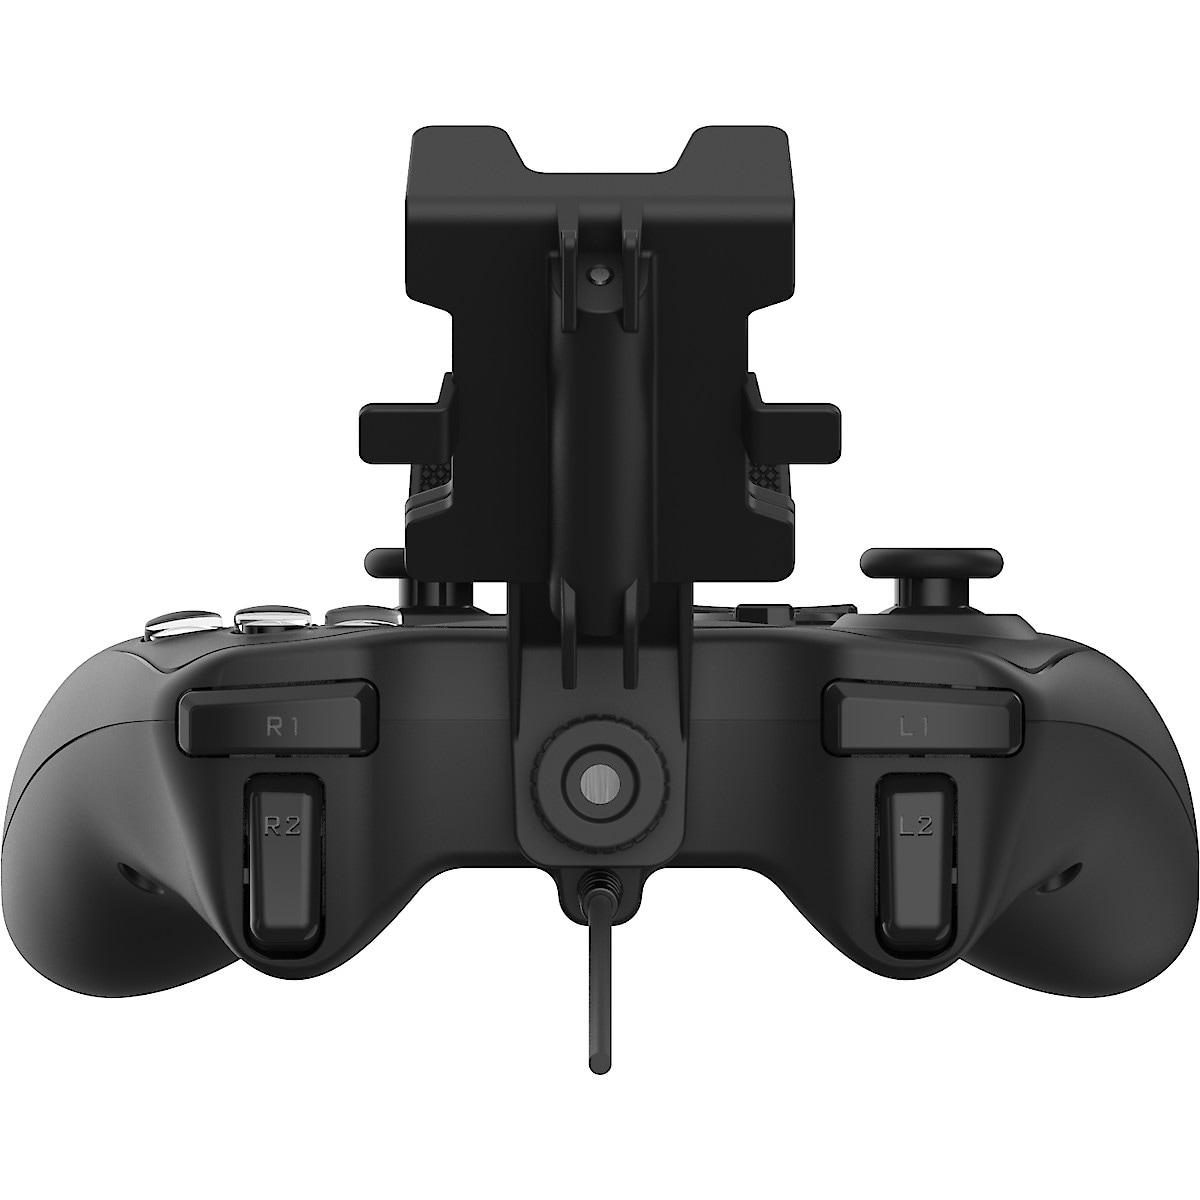 Rotor Riot (iOS) v2, Handy-Controller und Fernbedienung für Drohnen